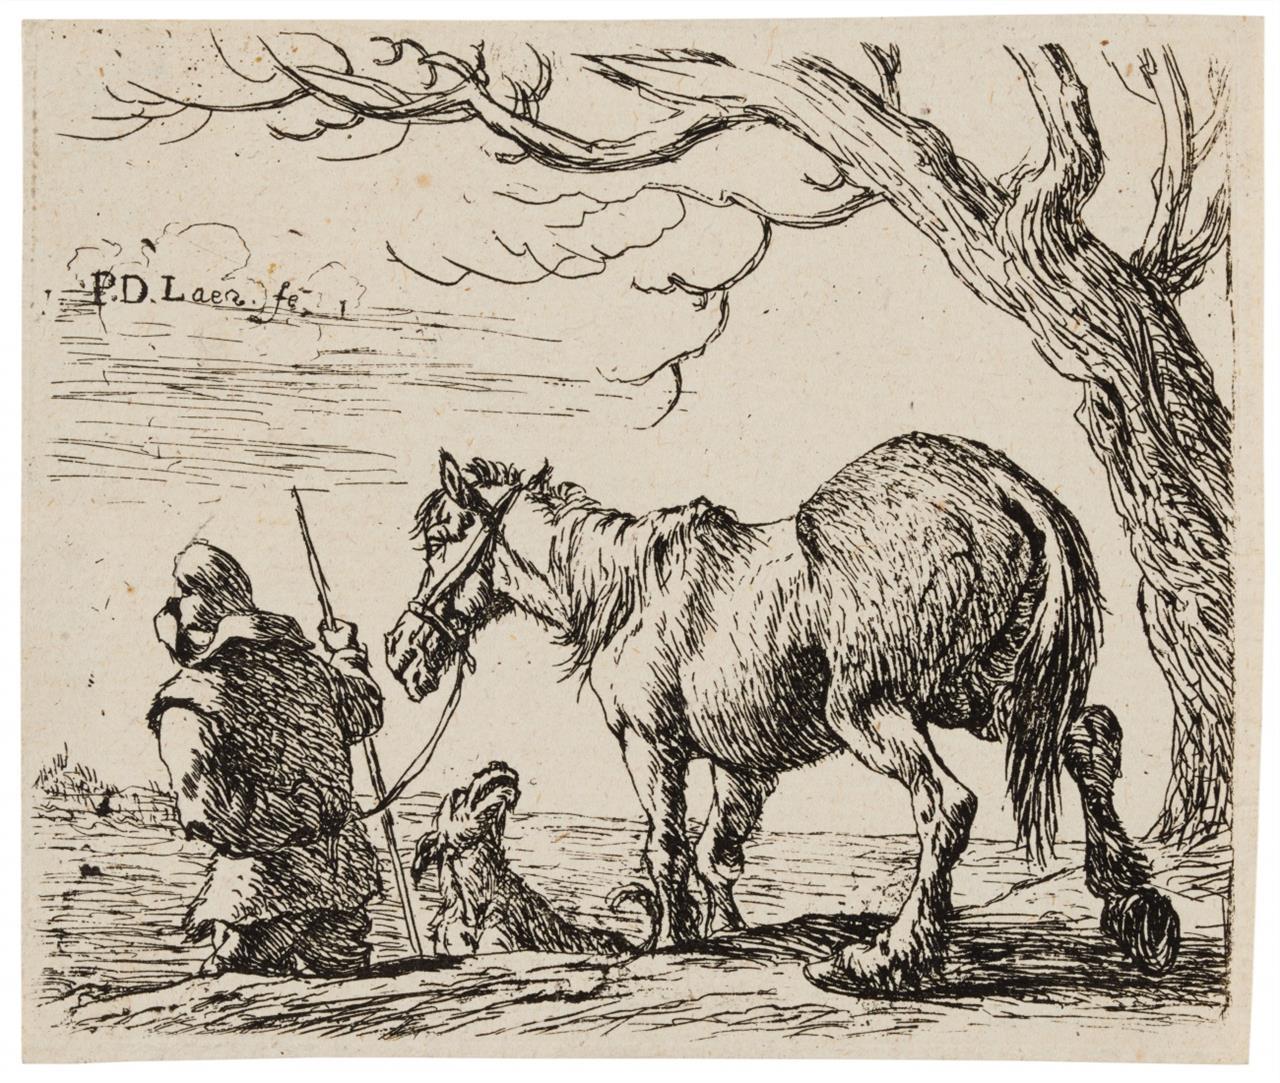 Pieter de Laer. Folge von Pferden. 6 Blatt Radierungen.